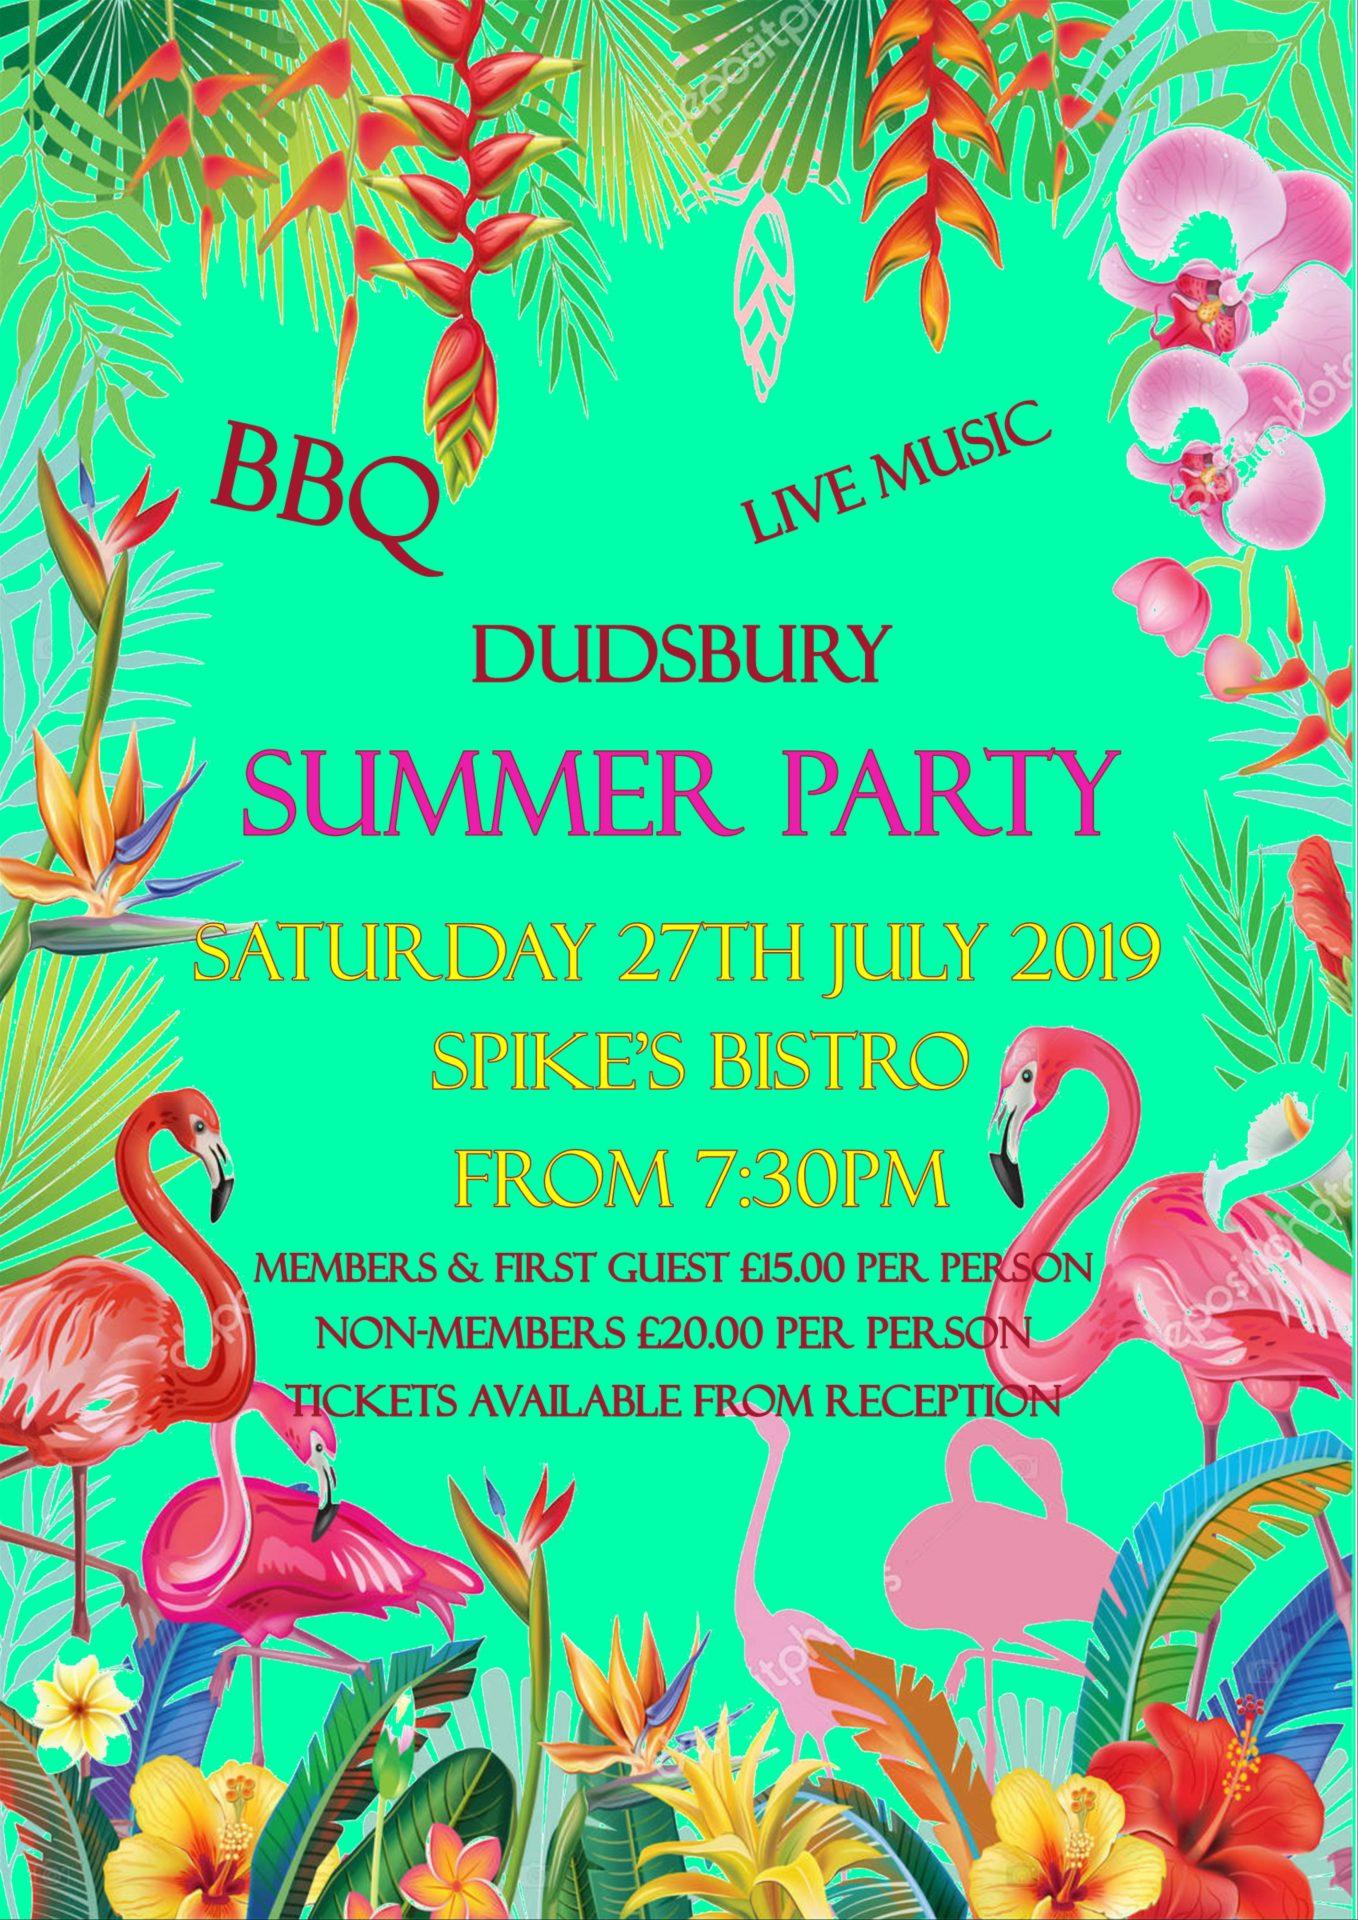 Dudsbury Golf Club, Hotel & Spa - Summer Party 2019 Poster